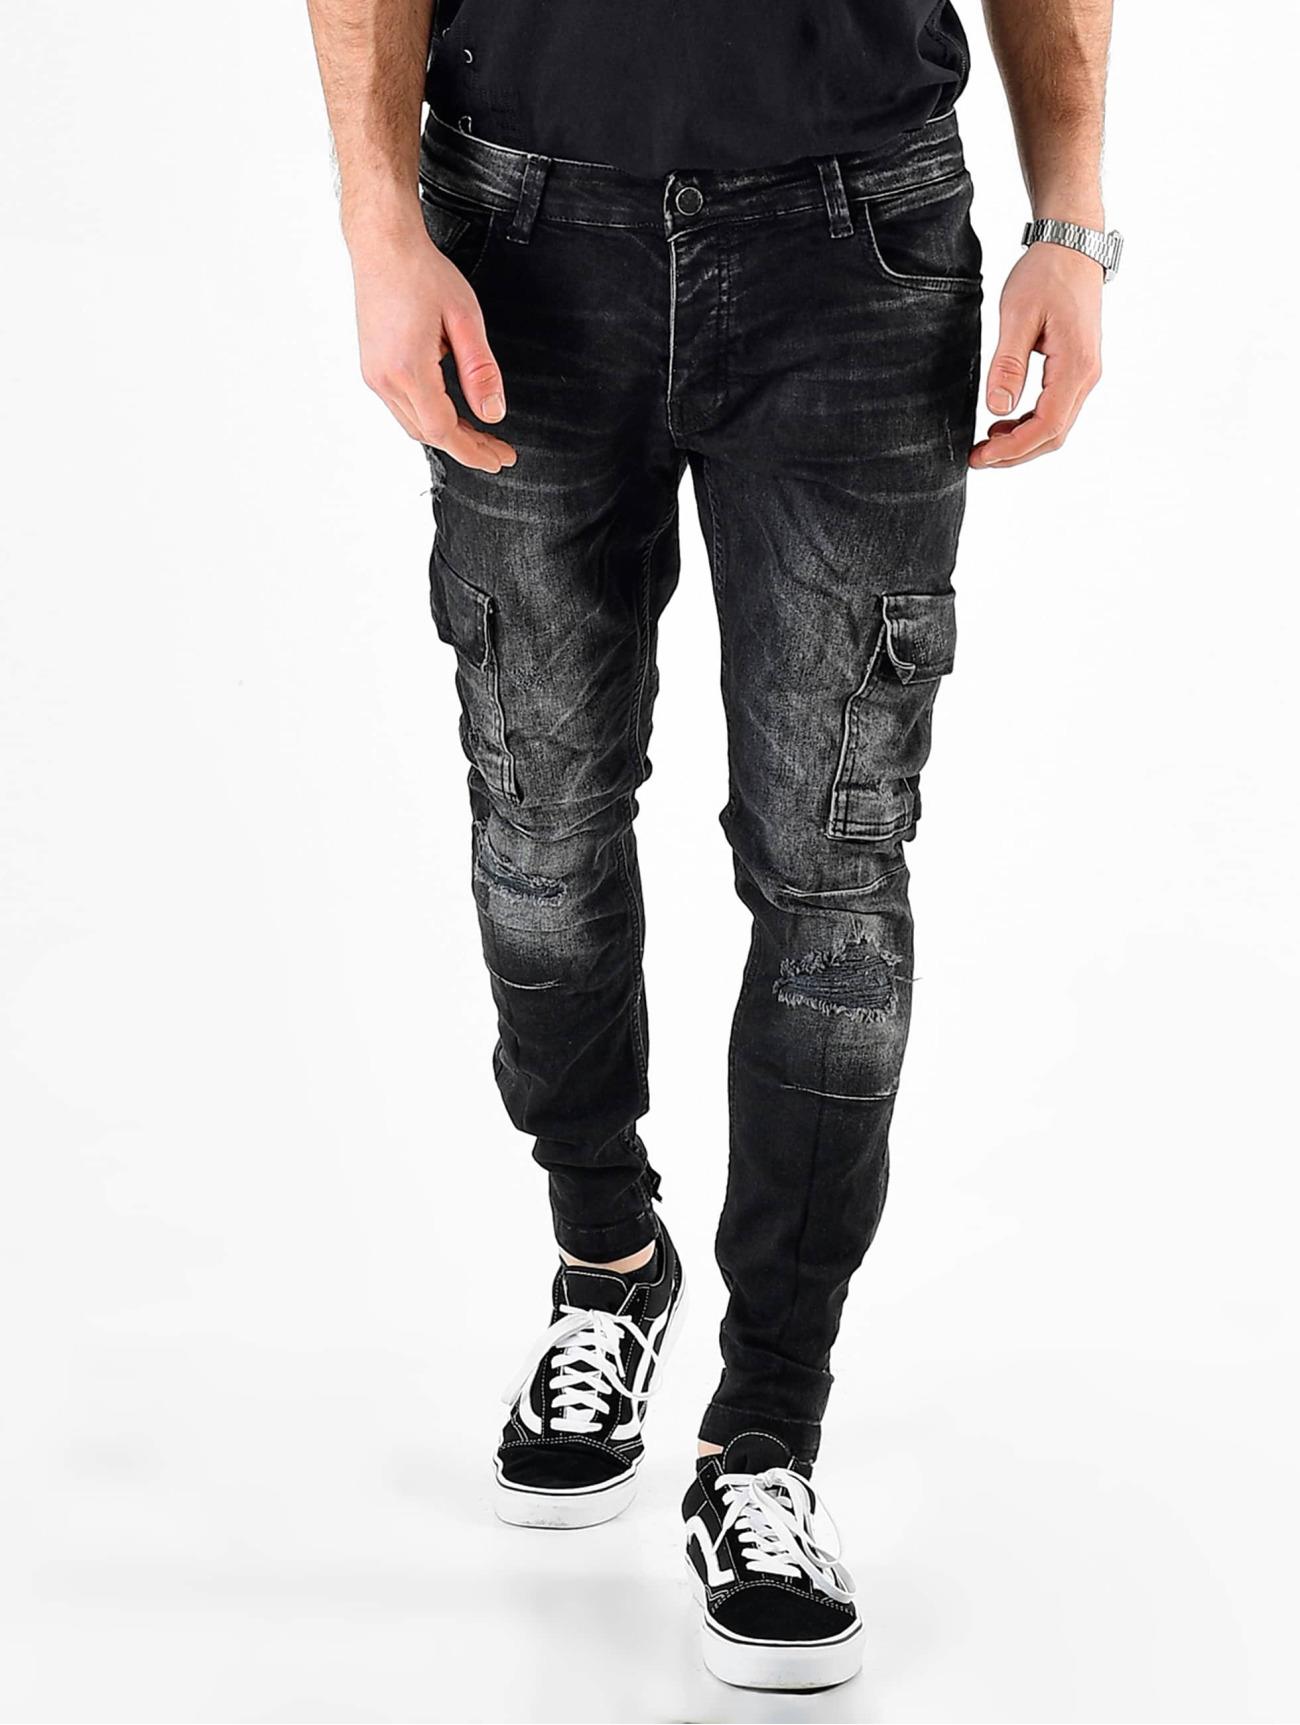 VSCT Clubwear  Knox Adjust Hem  noir Homme Pantalon cargo  492531 Homme Pantalons & Shorts